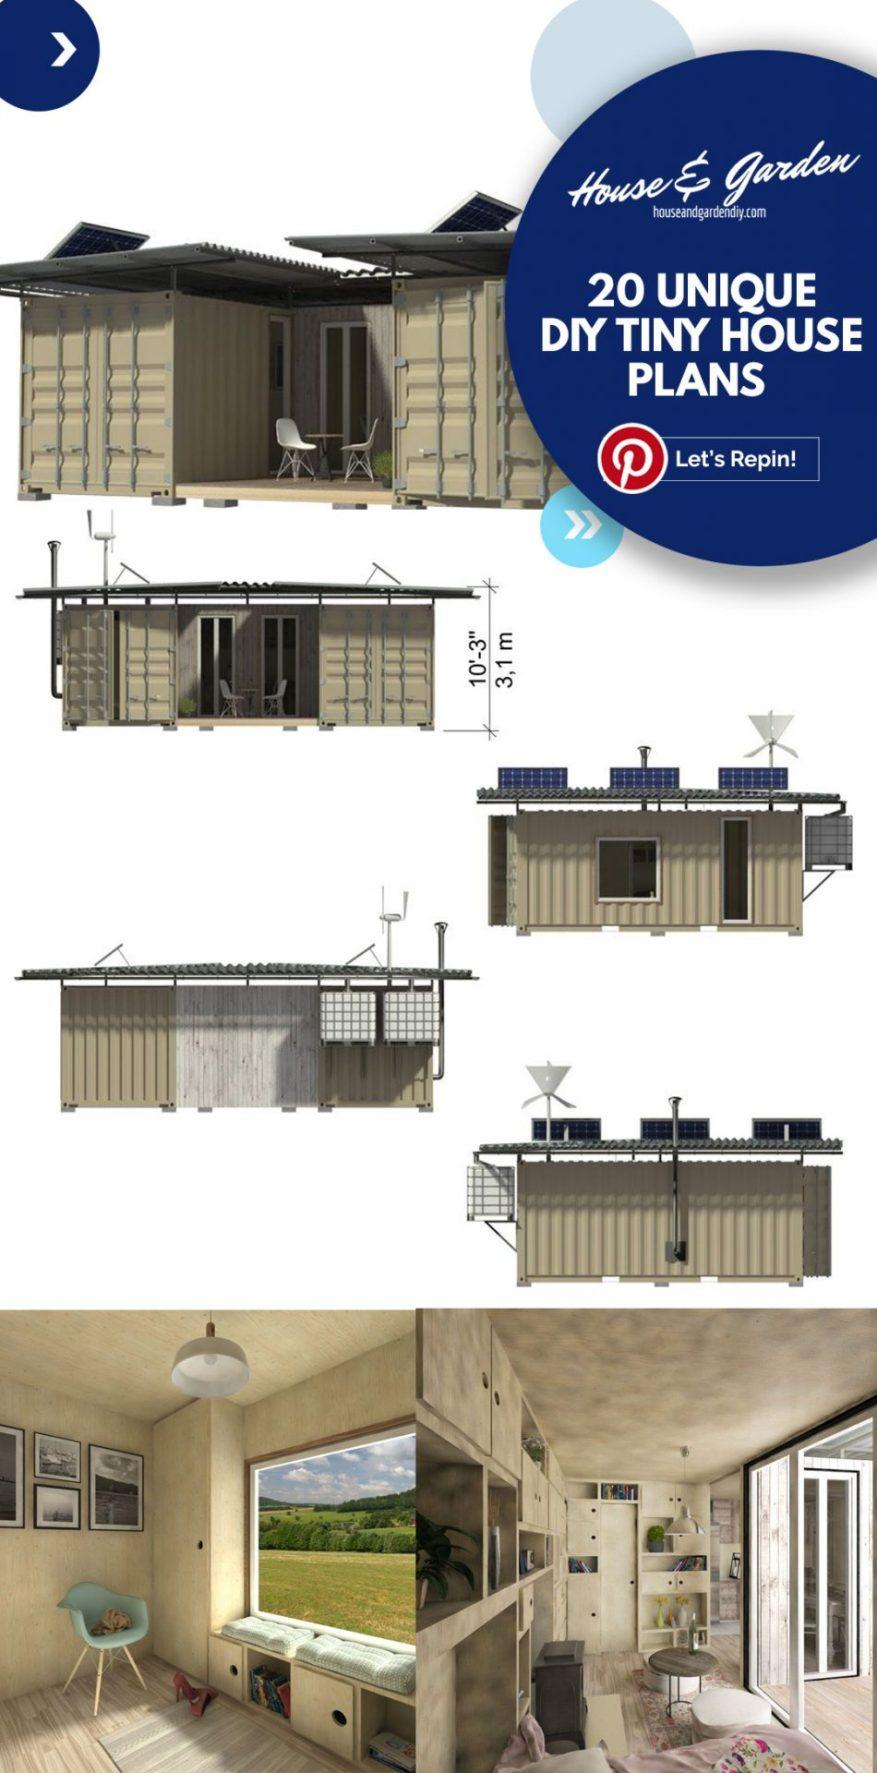 8x24 tiny house plans